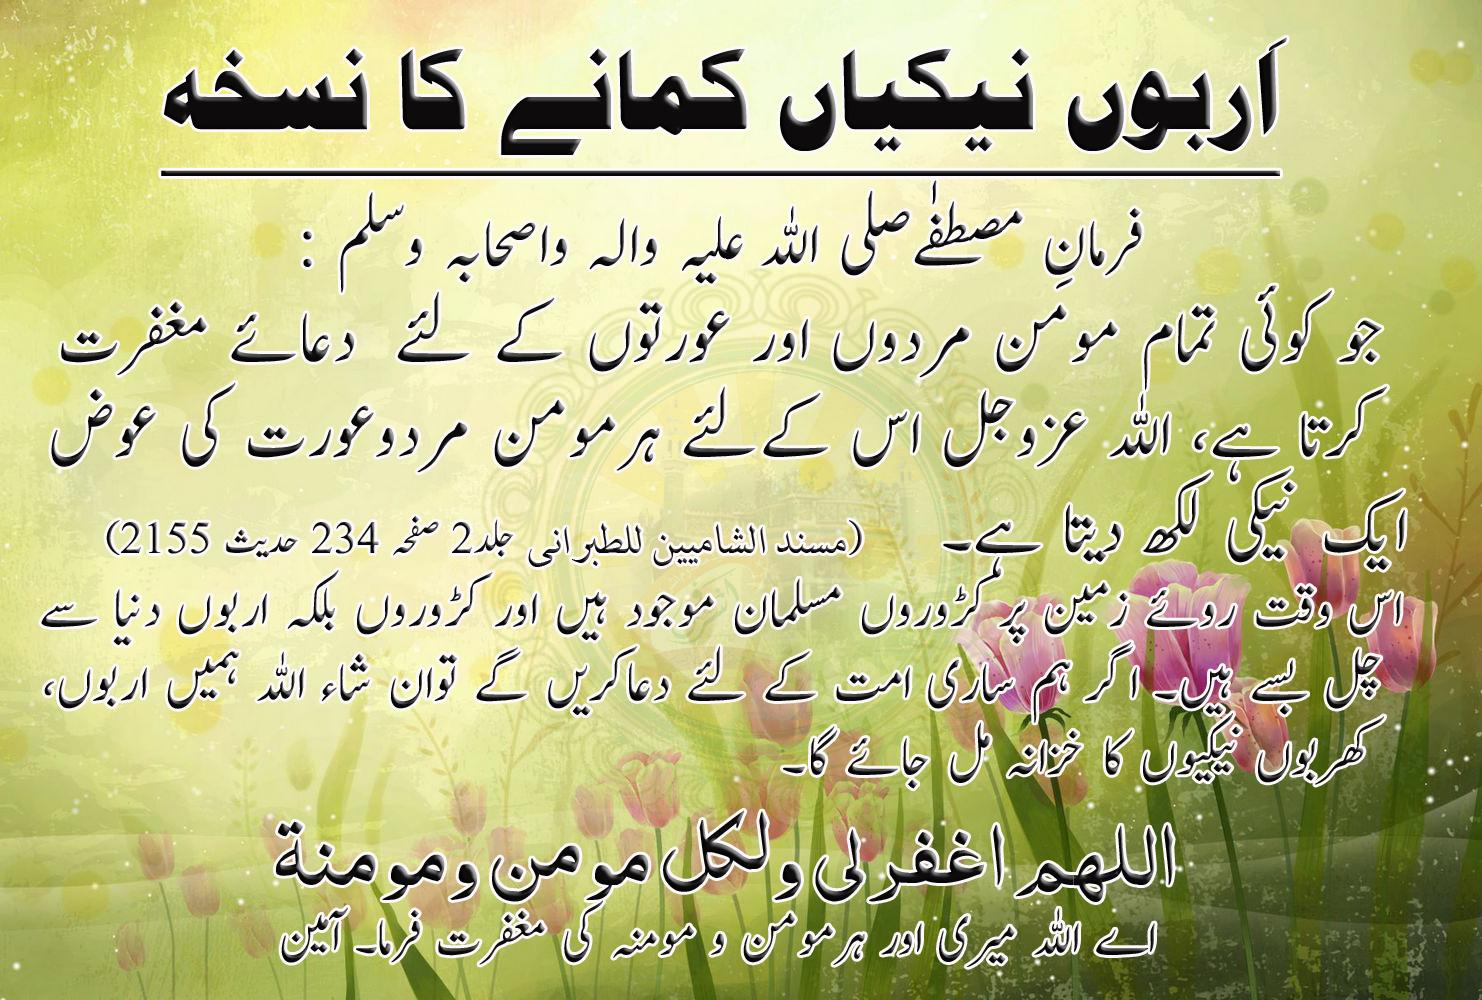 Kya Dekh Kar Shaadi Karna Chahiye Sayyed Aminul Qadri